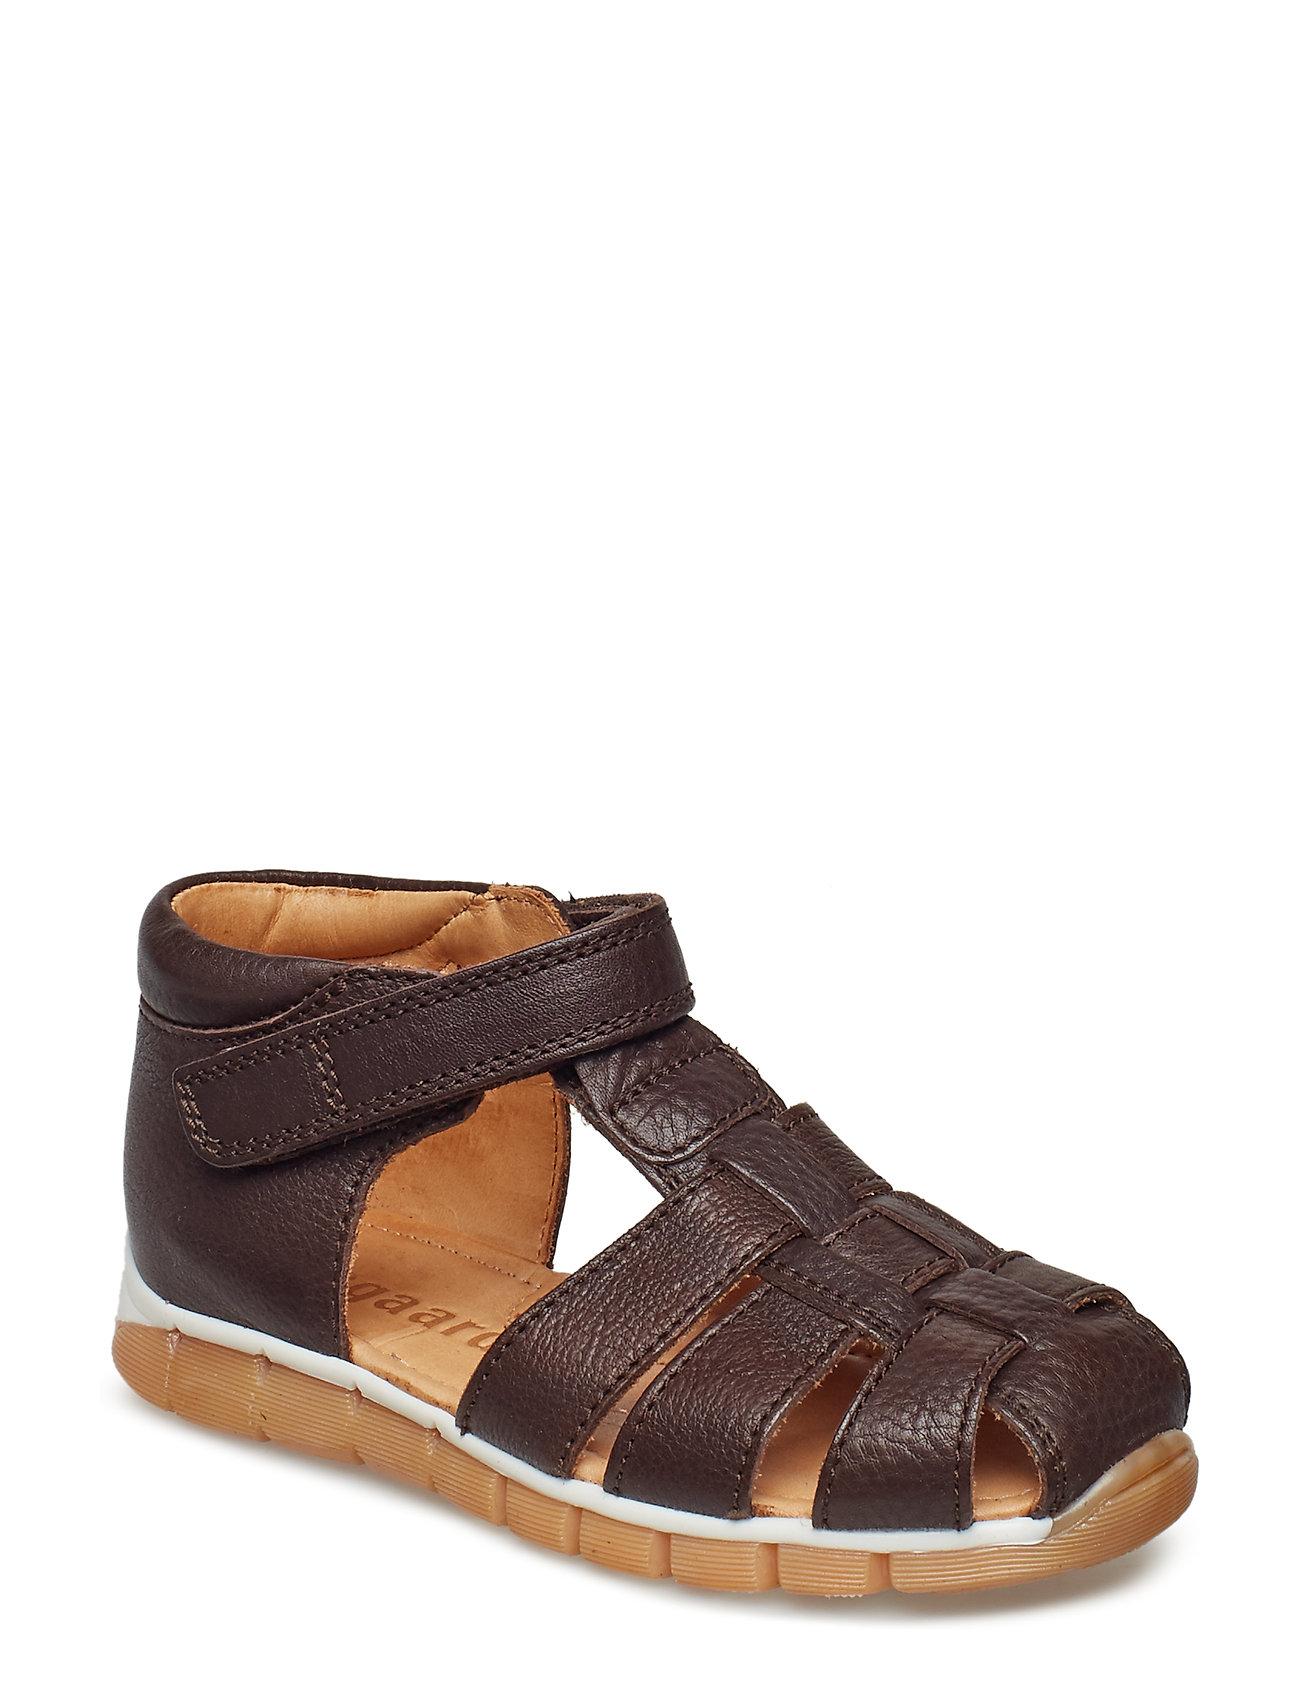 fbb72c55077c Sandal sandaler fra Bisgaard til børn i Sort - Pashion.dk